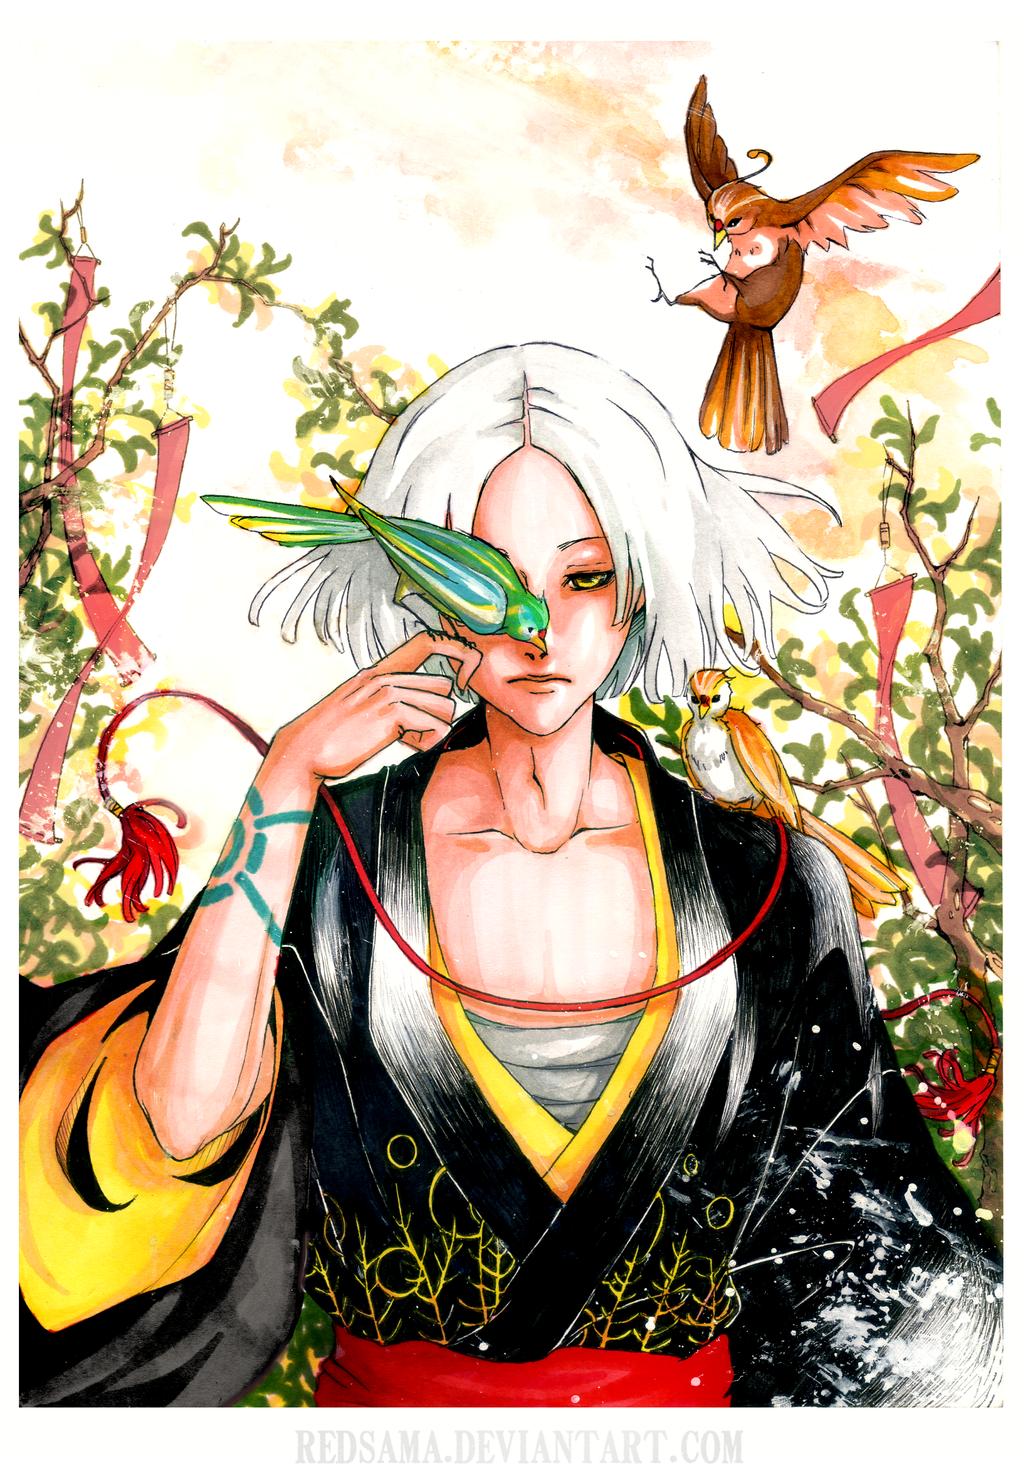 Bird whisperer by redsama